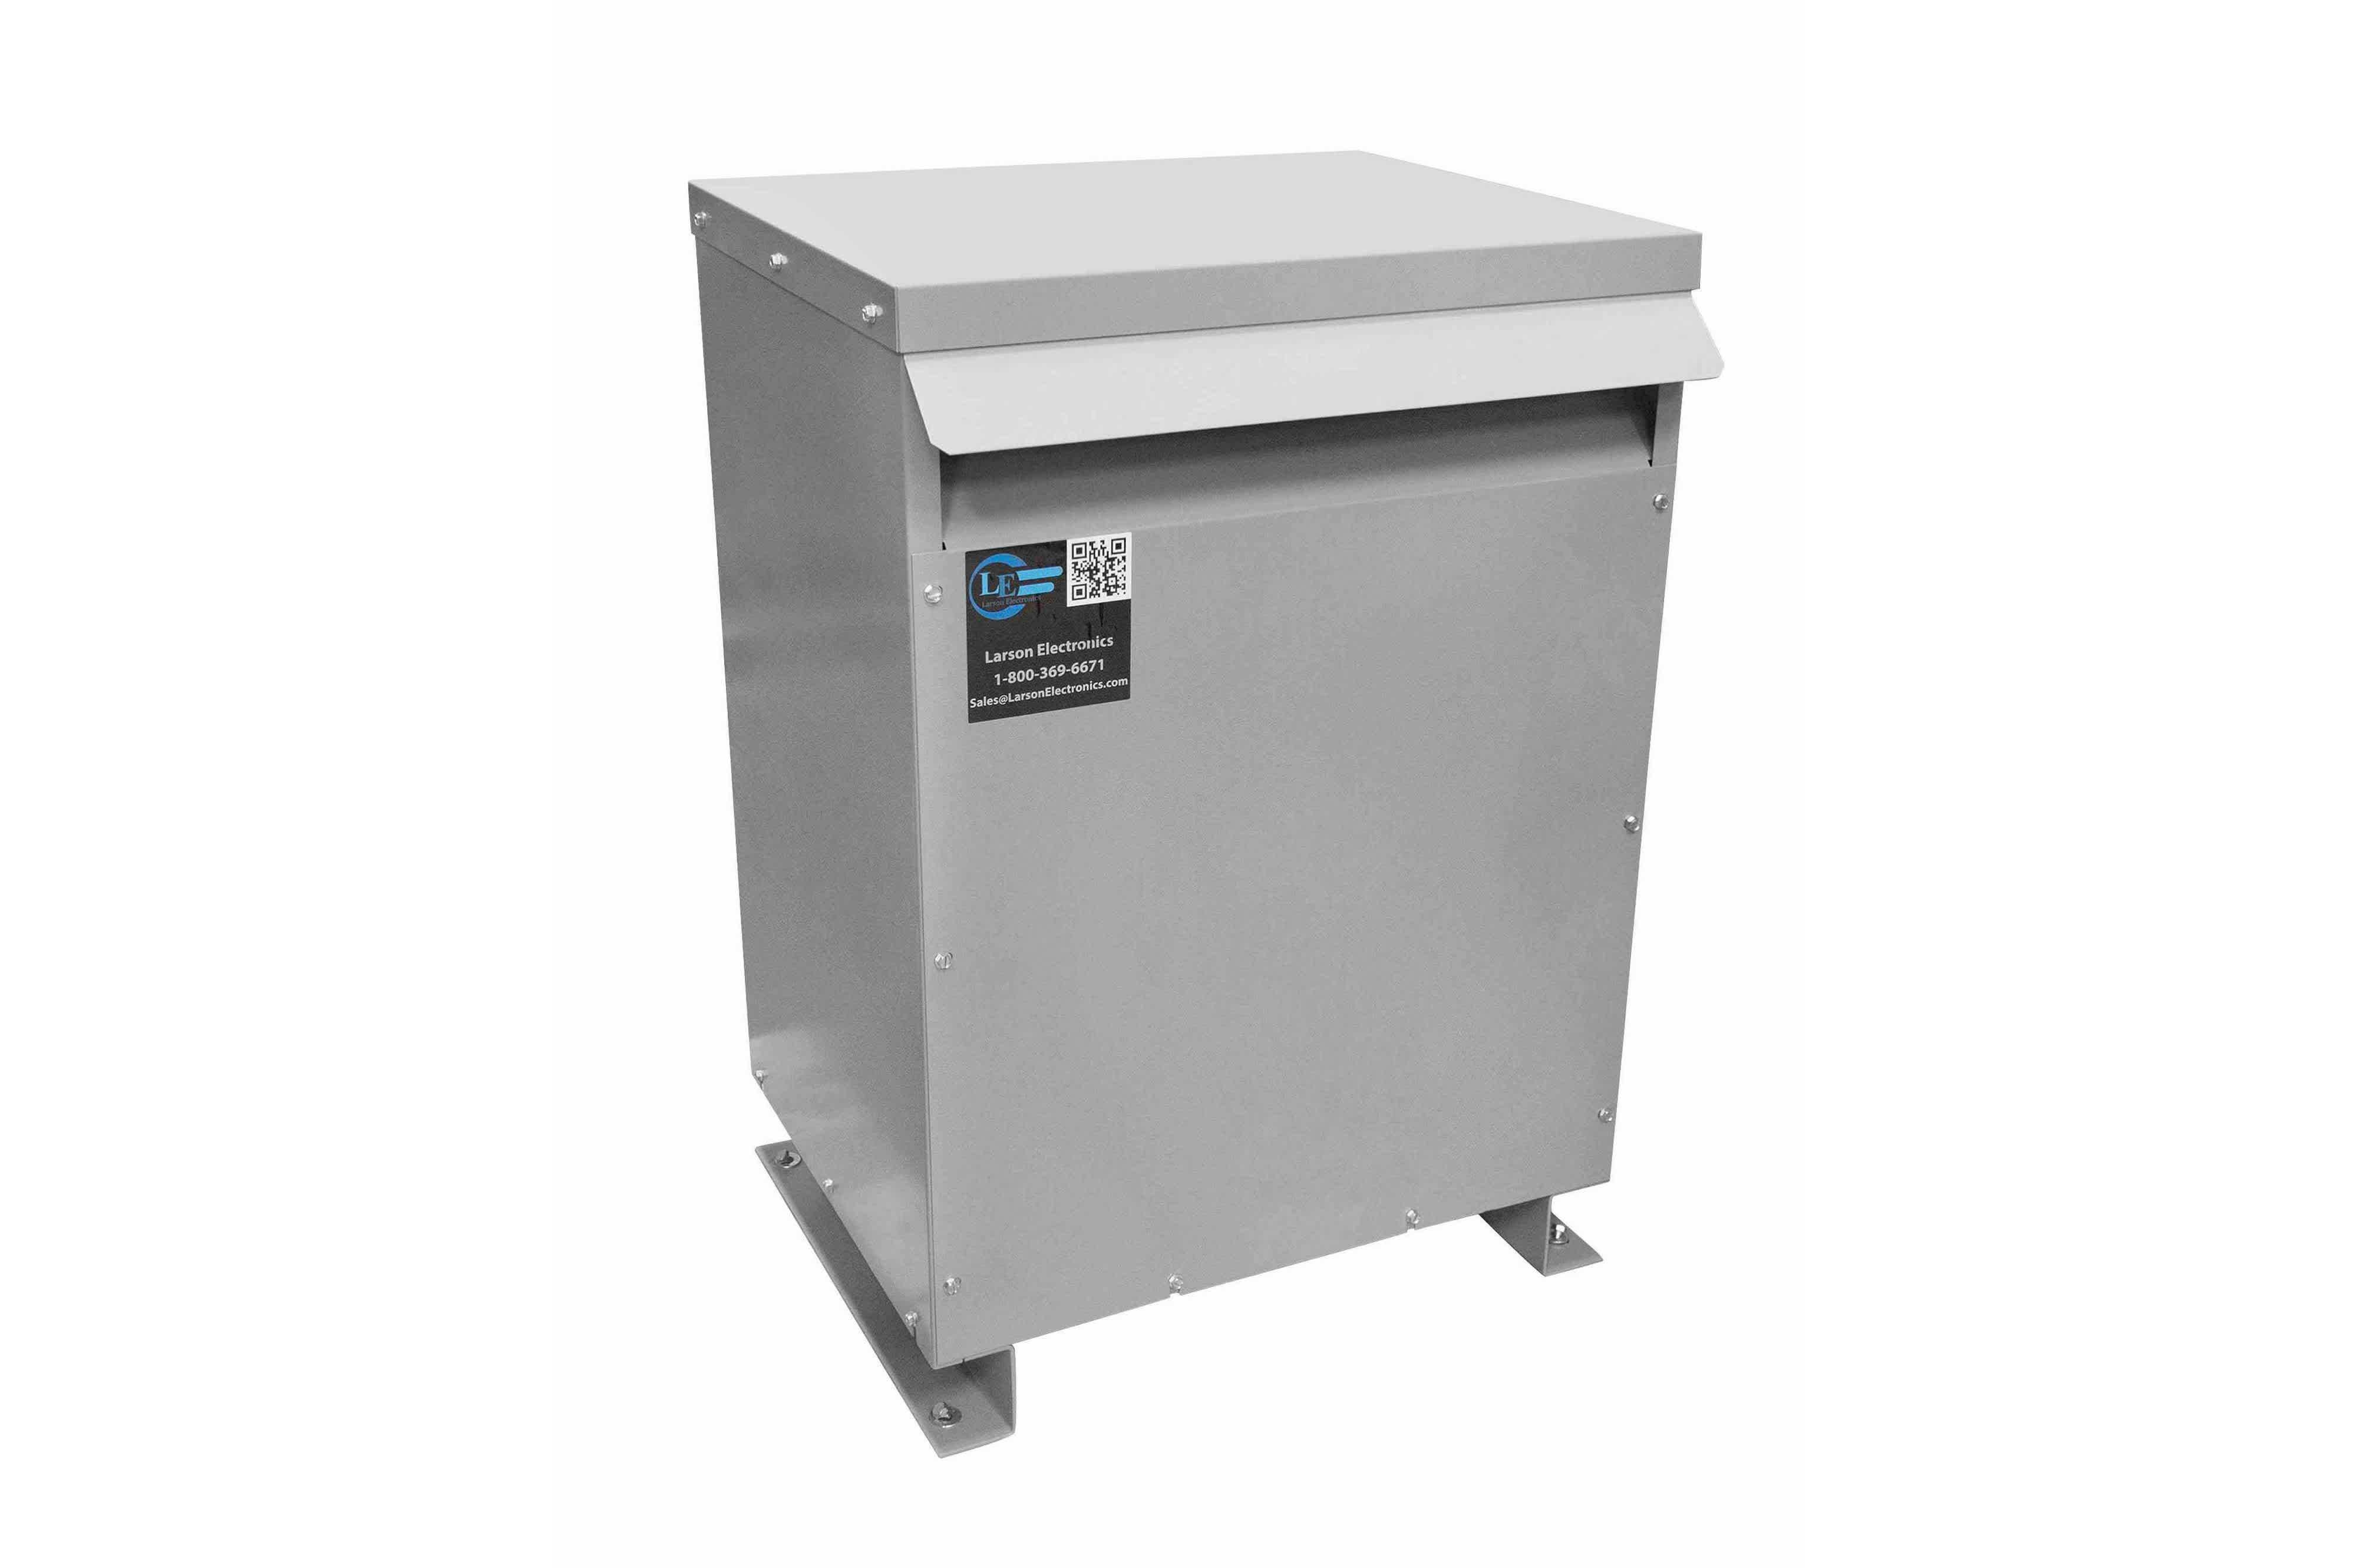 10 kVA 3PH Isolation Transformer, 460V Delta Primary, 240 Delta Secondary, N3R, Ventilated, 60 Hz